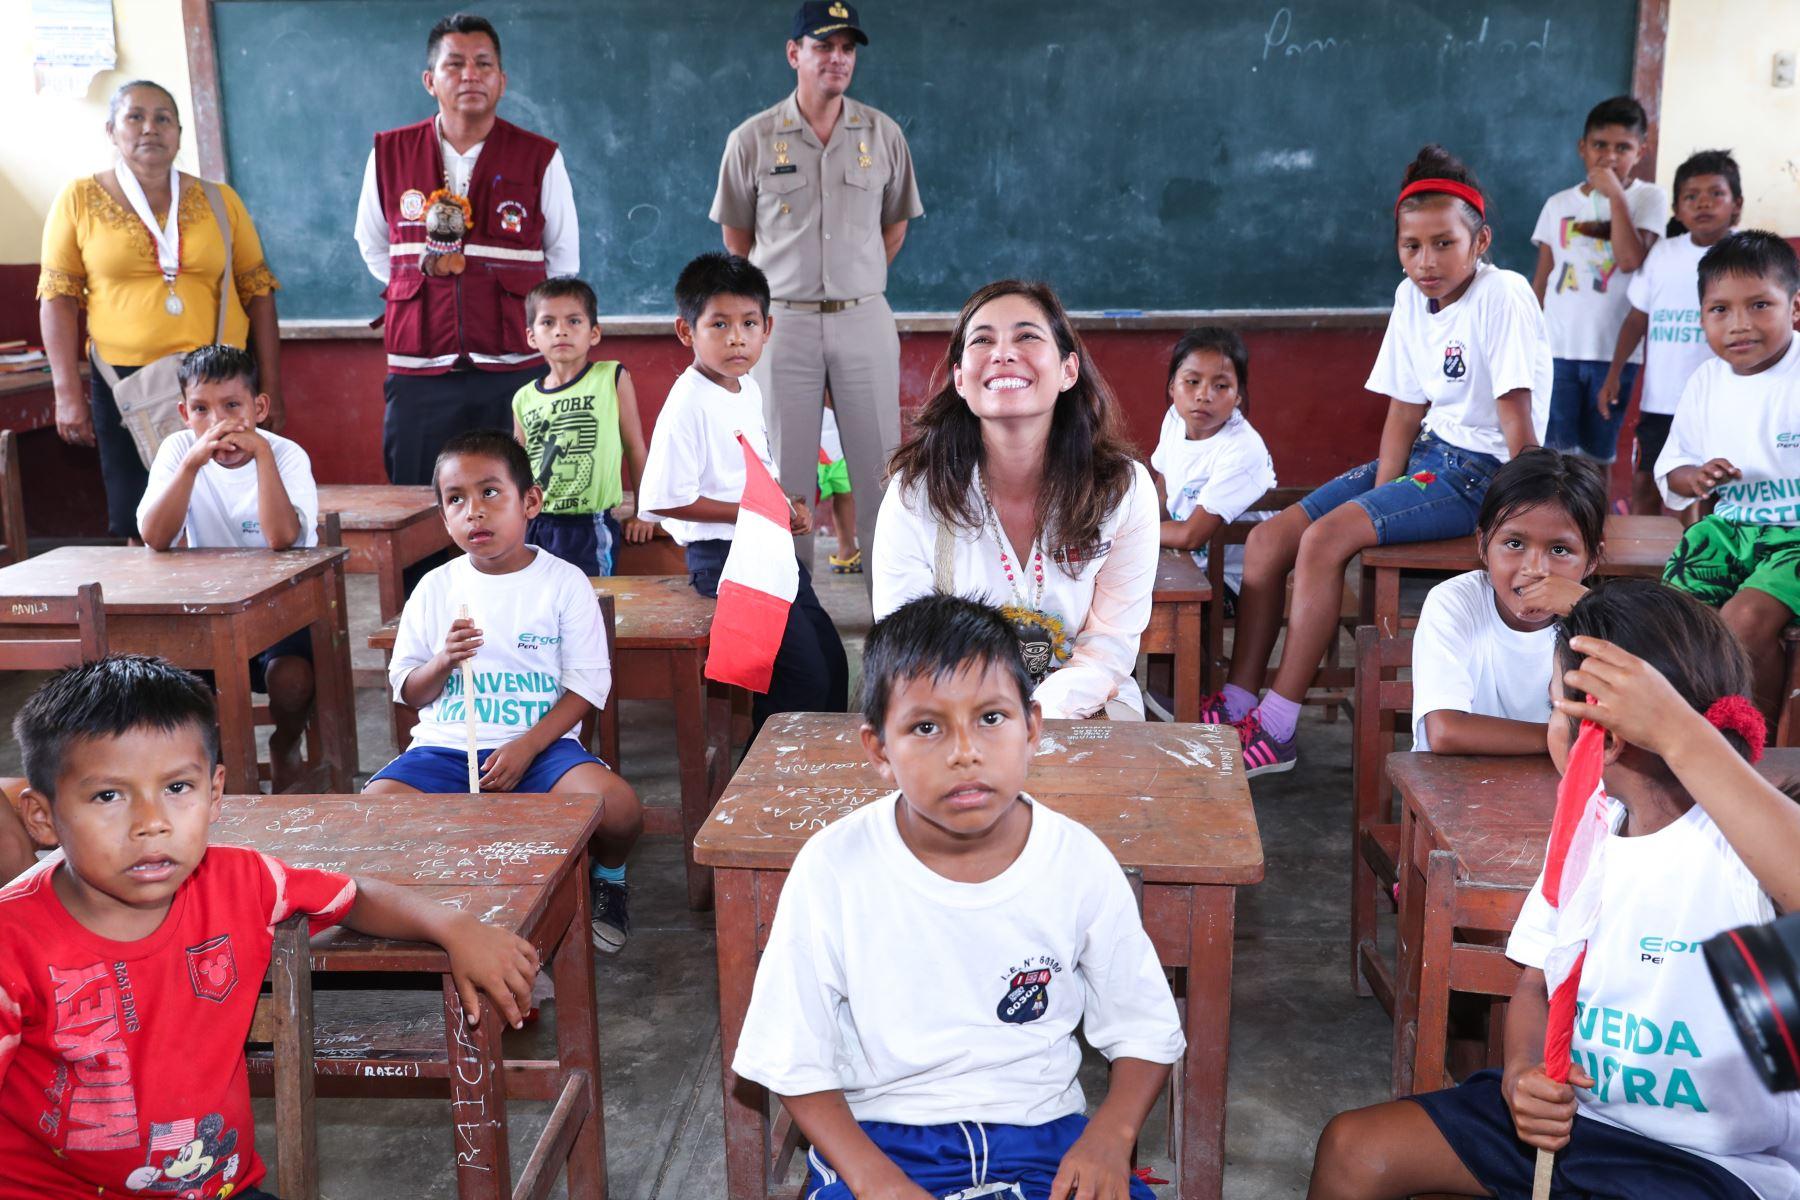 La ministra Angela Grossheim hizo entrega de las obras al director de la escuela, quien agradeció el apoyo del gobierno para continuar impulsando el aprendizaje de los menores.